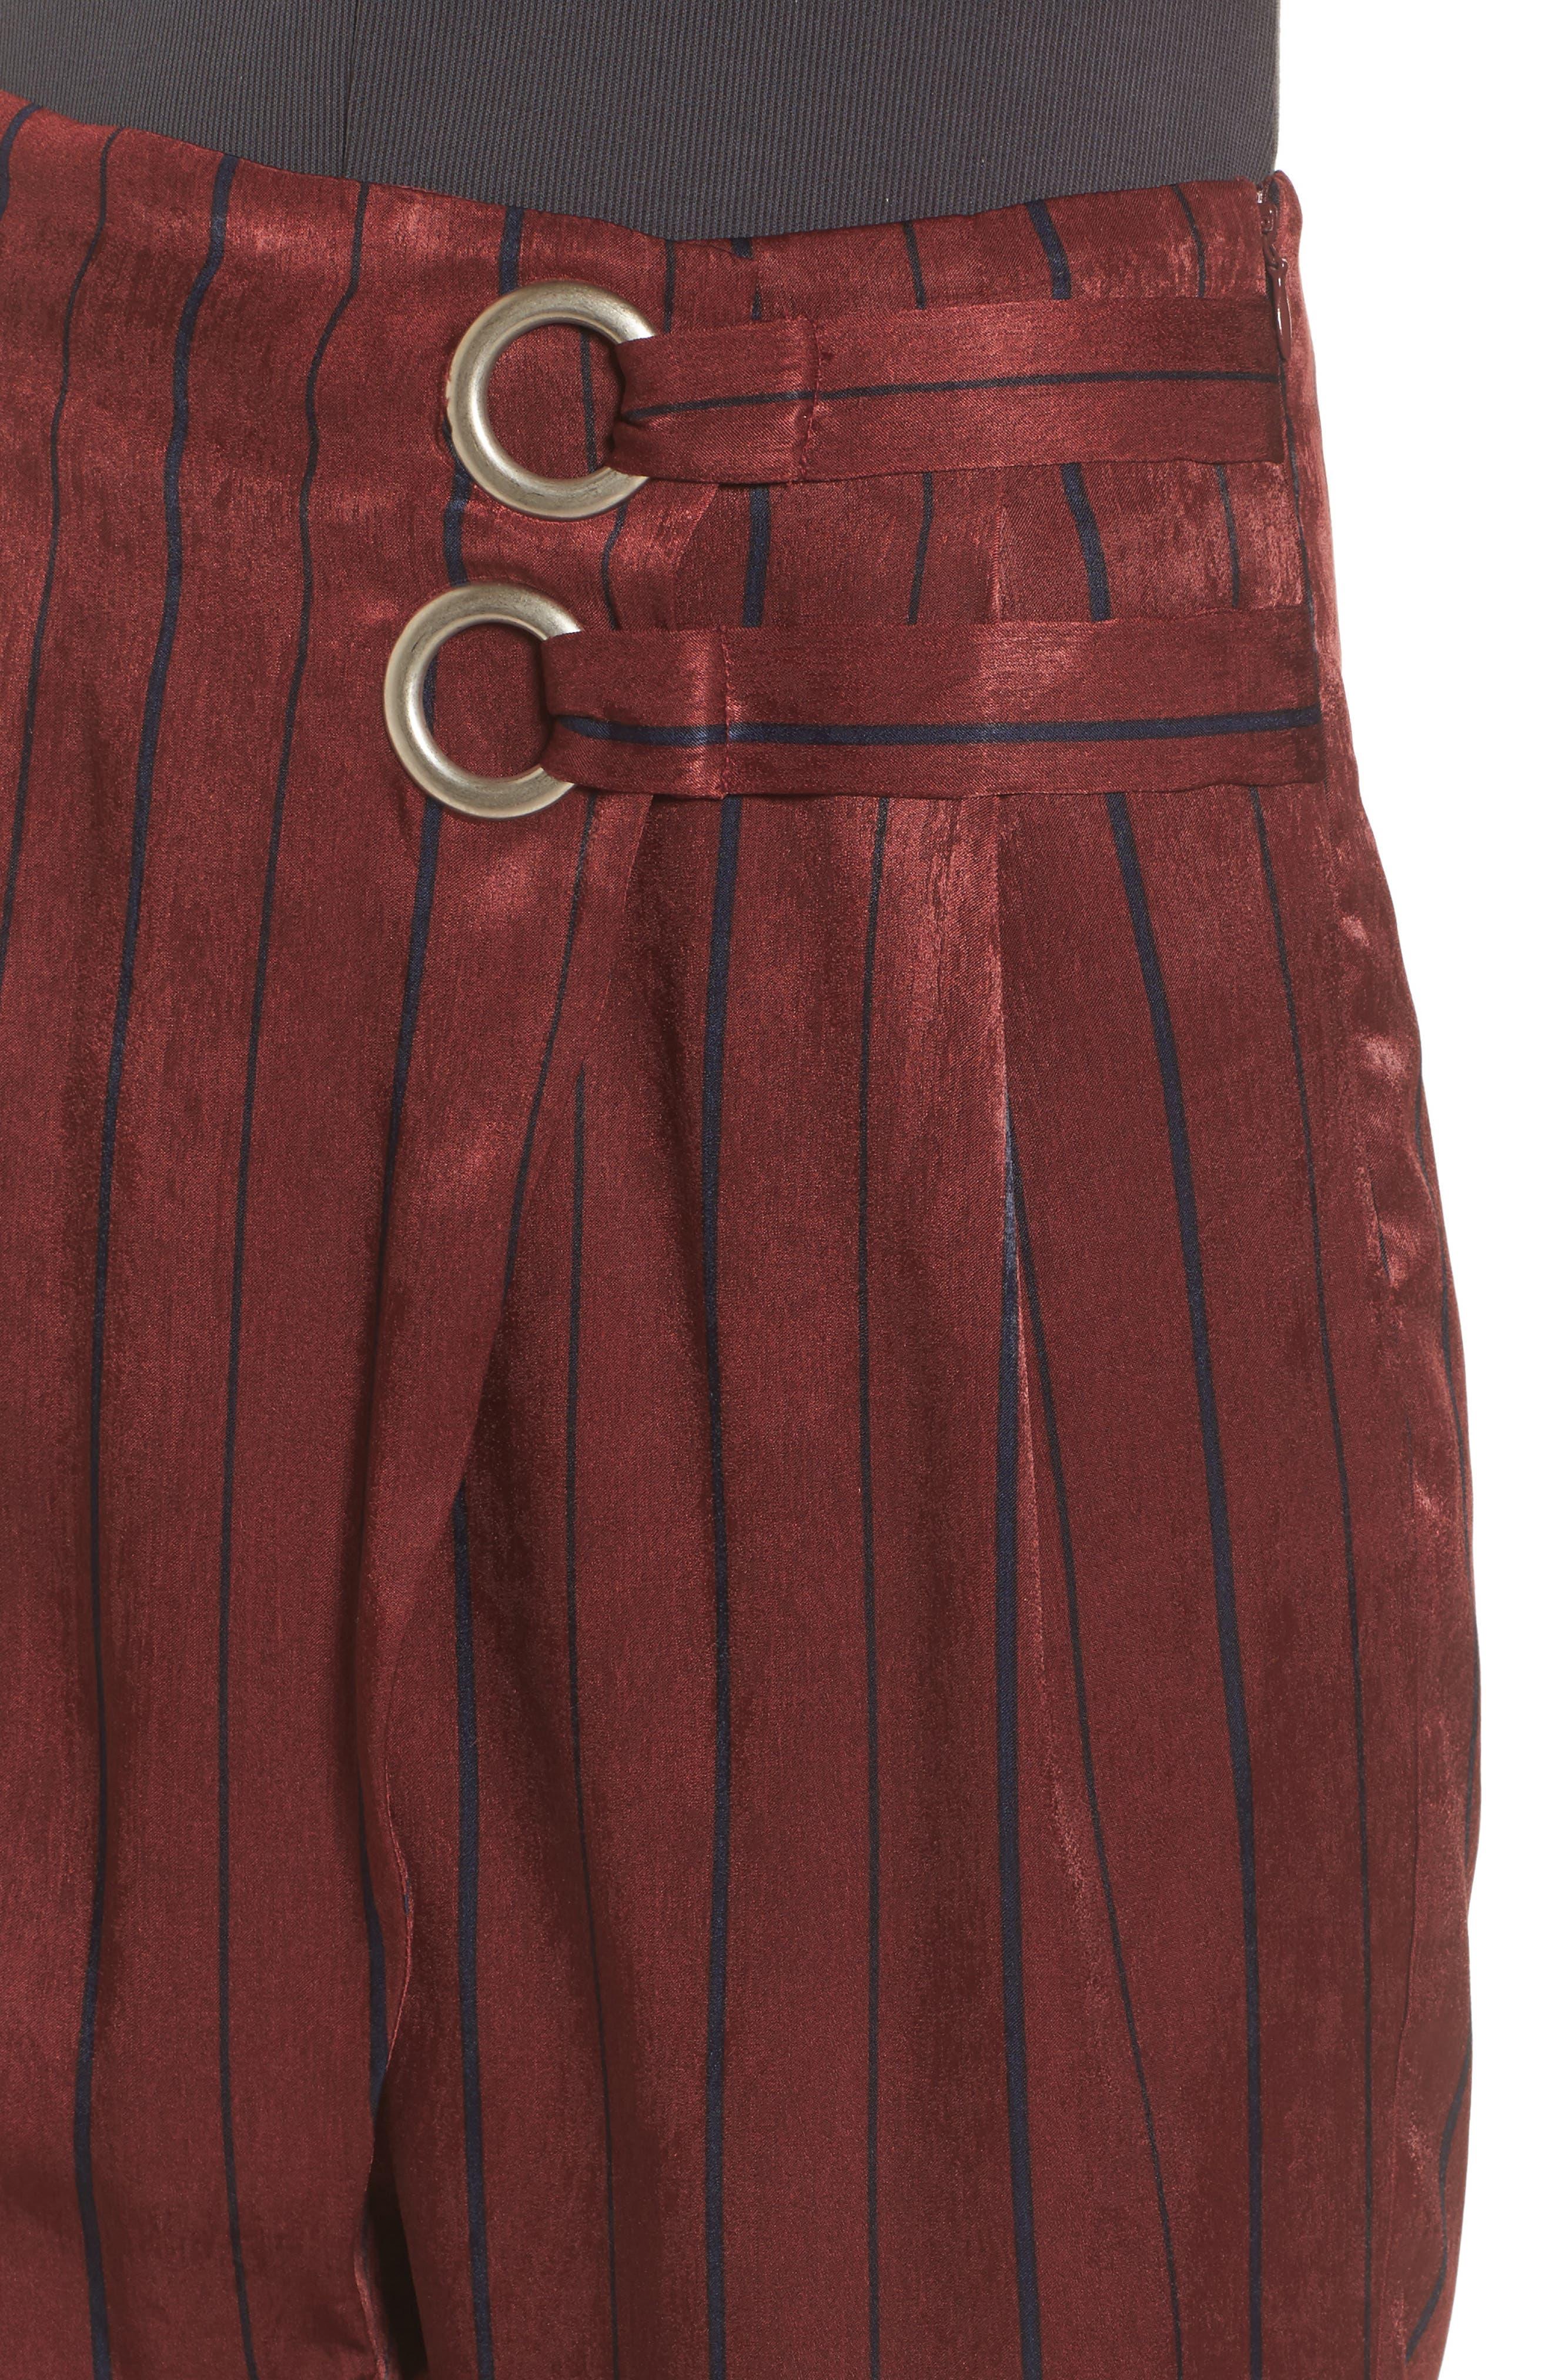 Stripe Crop Pants,                             Alternate thumbnail 4, color,                             930